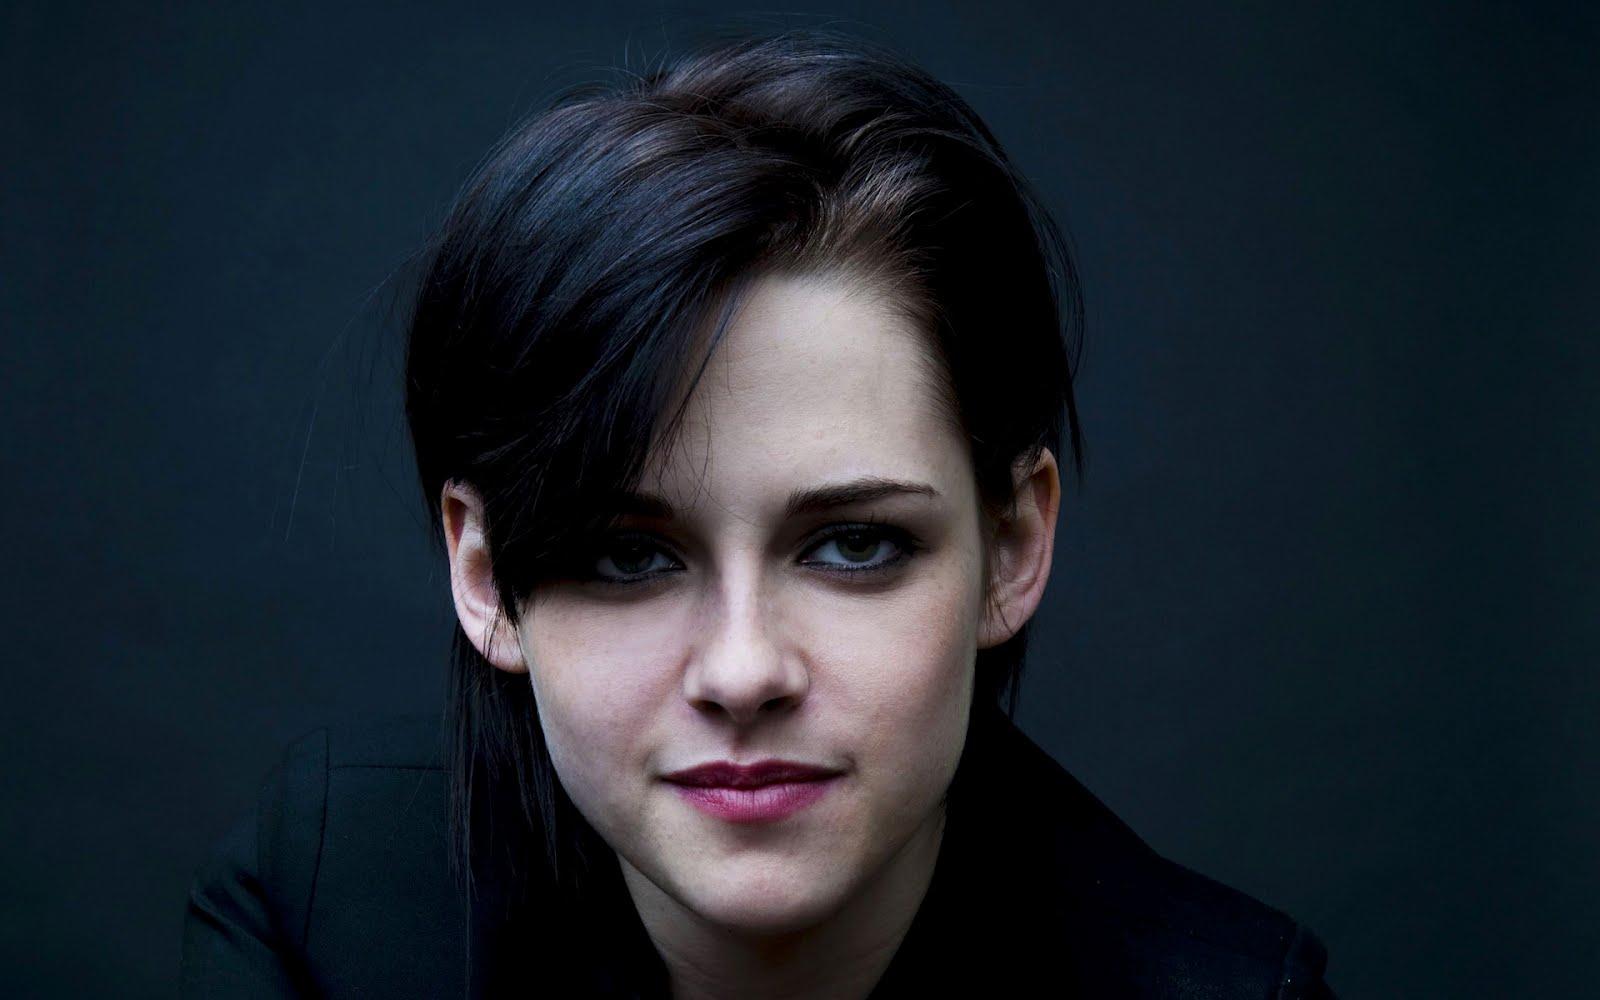 Kristen Stewart Haircut | Best Hair Style In Kristen Stewart Short Hairstyles (View 20 of 25)